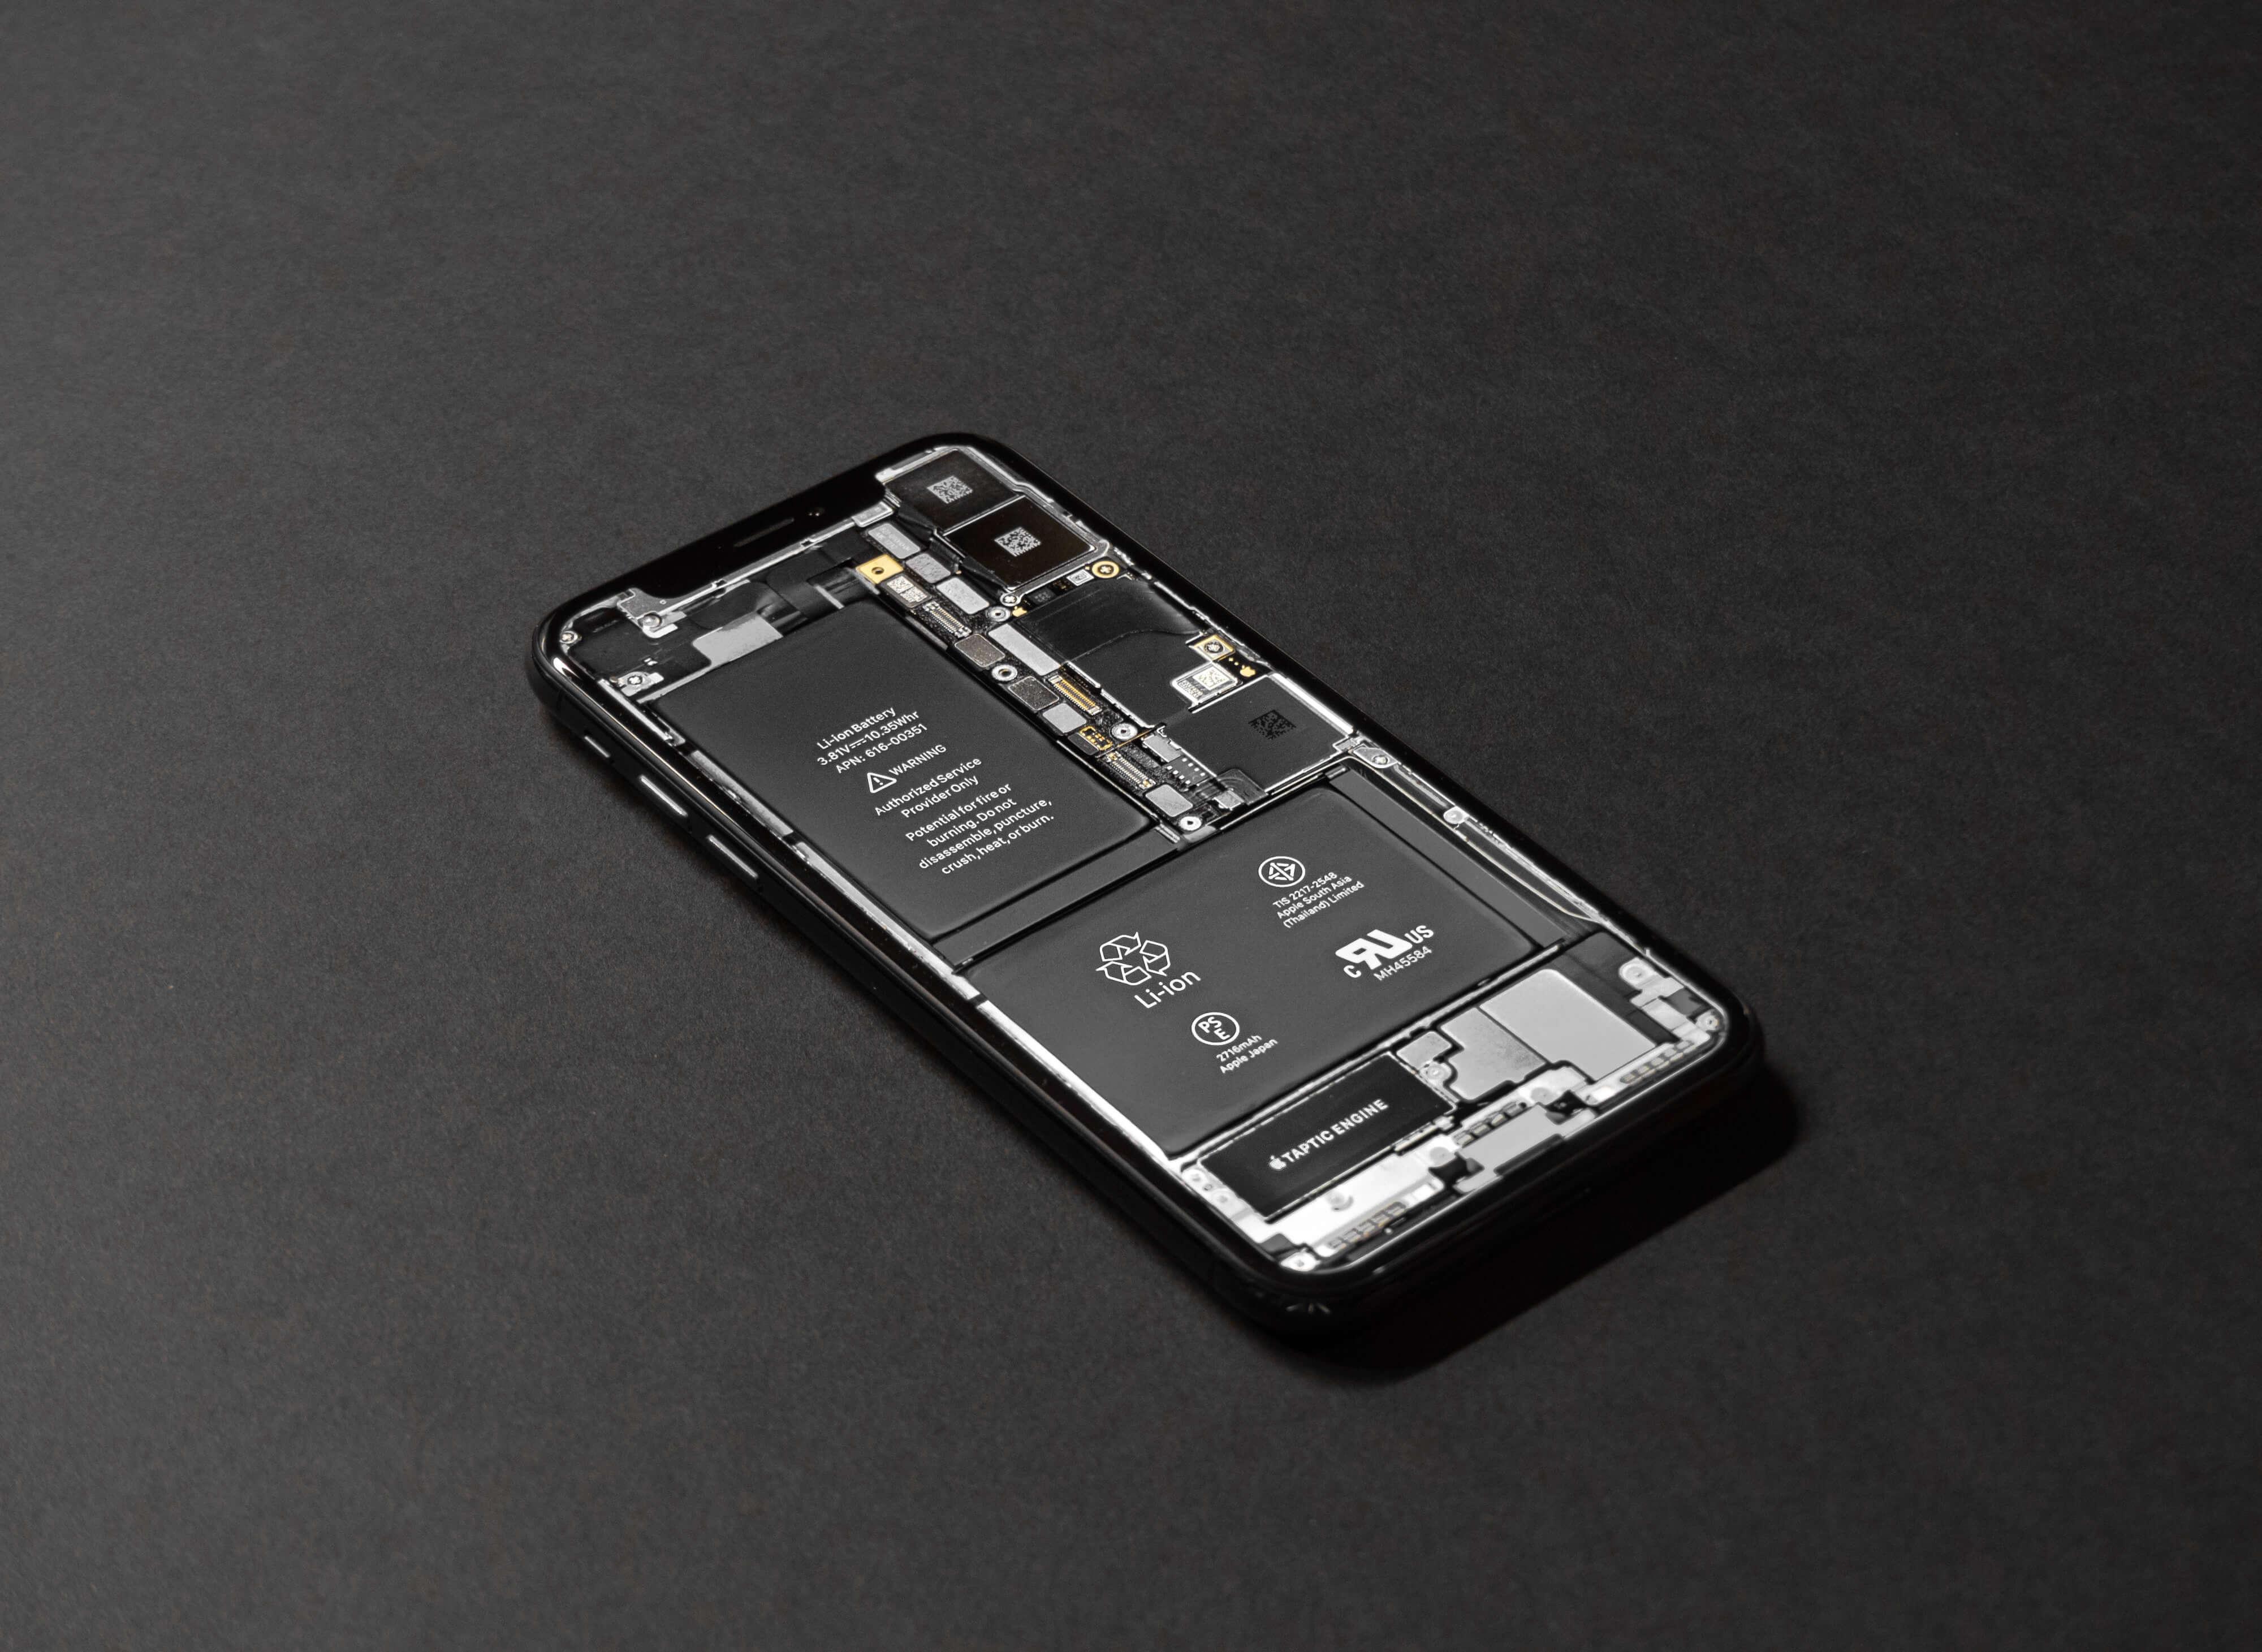 Xperiaの電池持ちが悪い!バッテリー交換なら保証サービスがおすすめ!